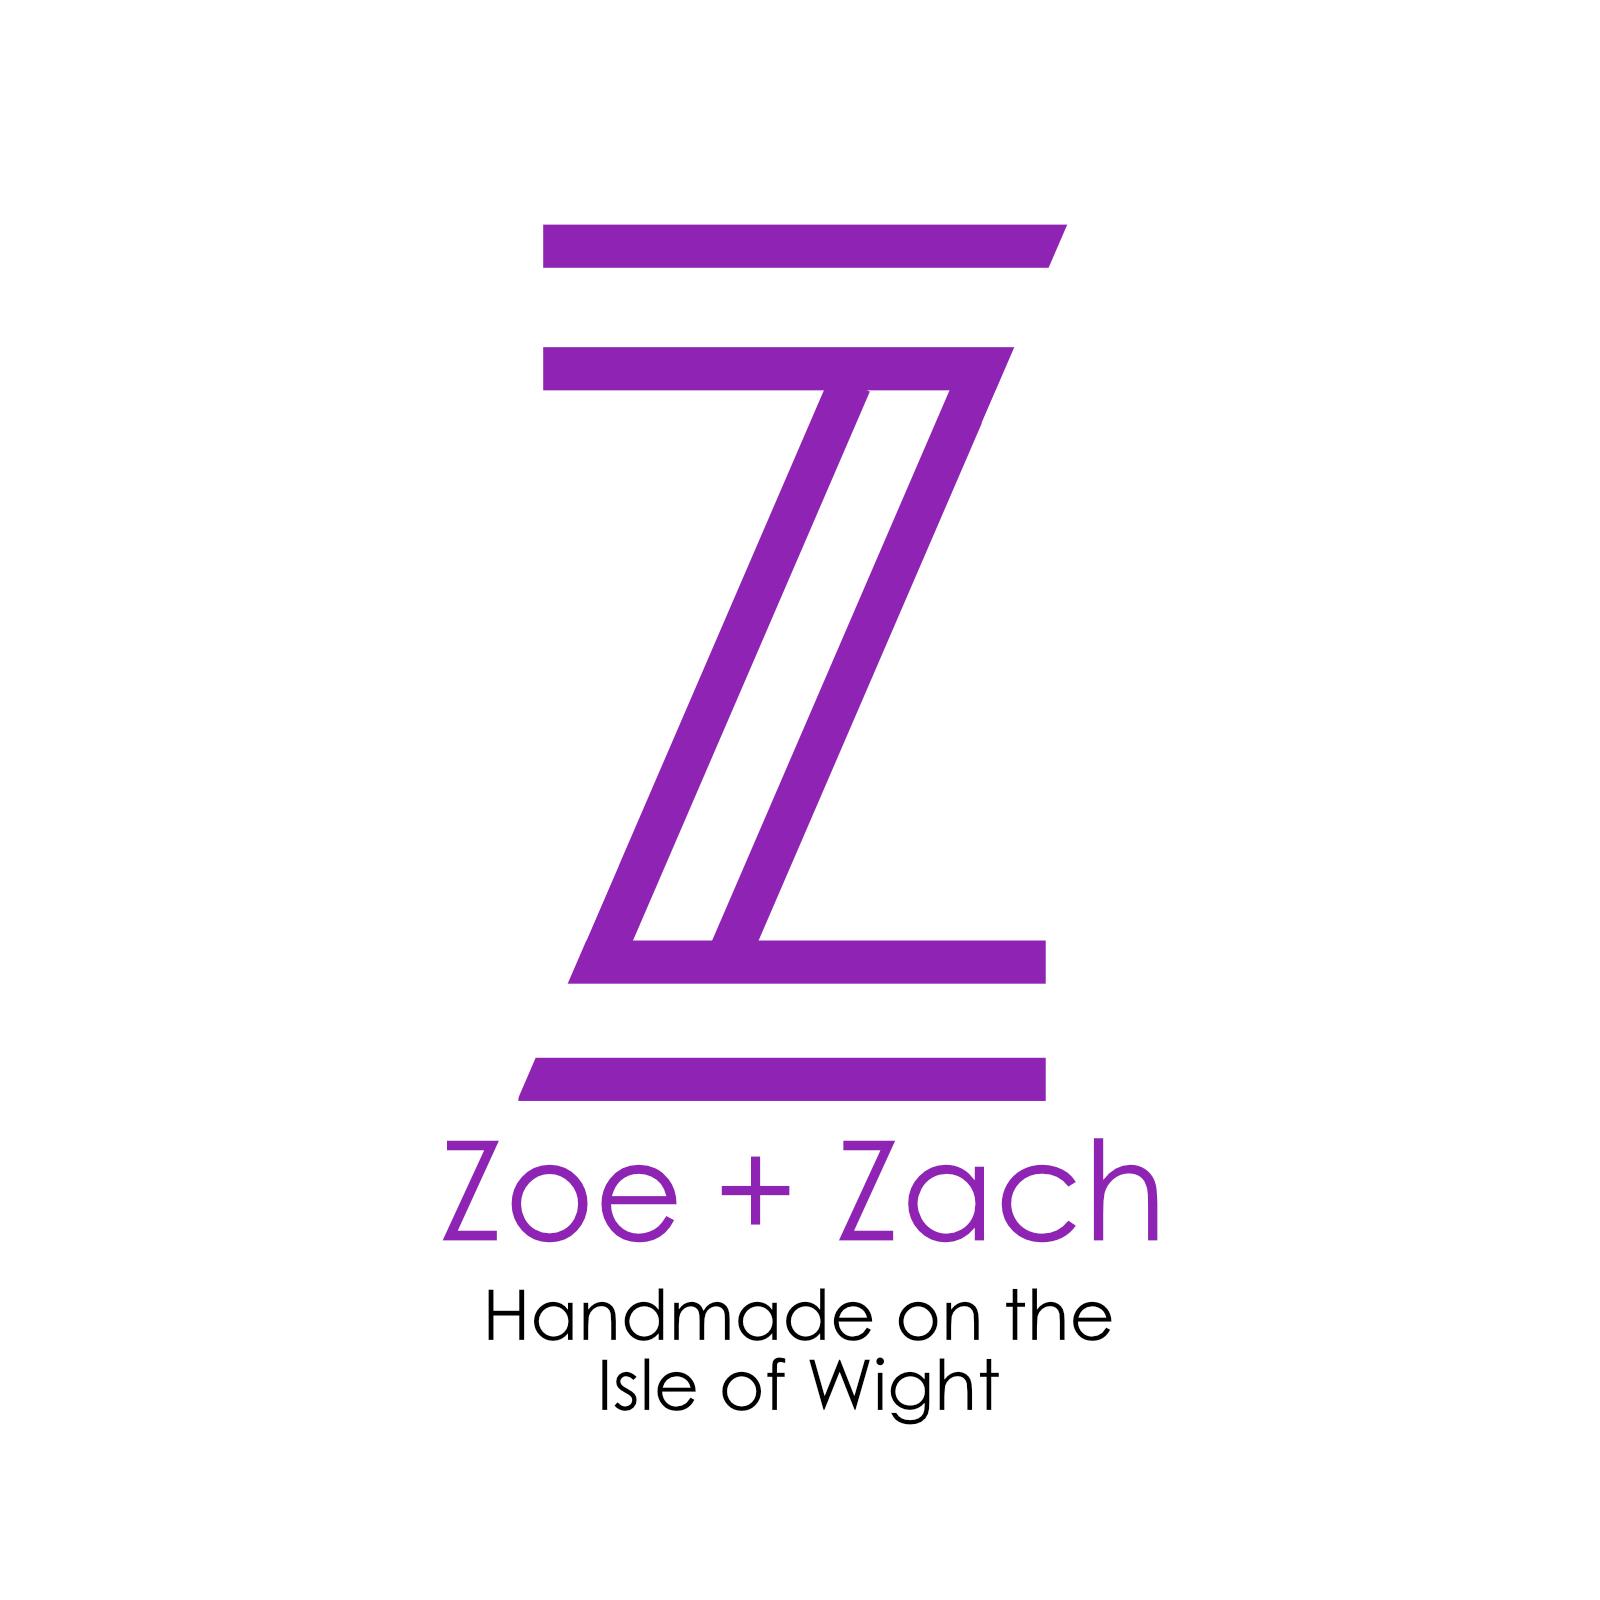 Zoe + Zach's logo